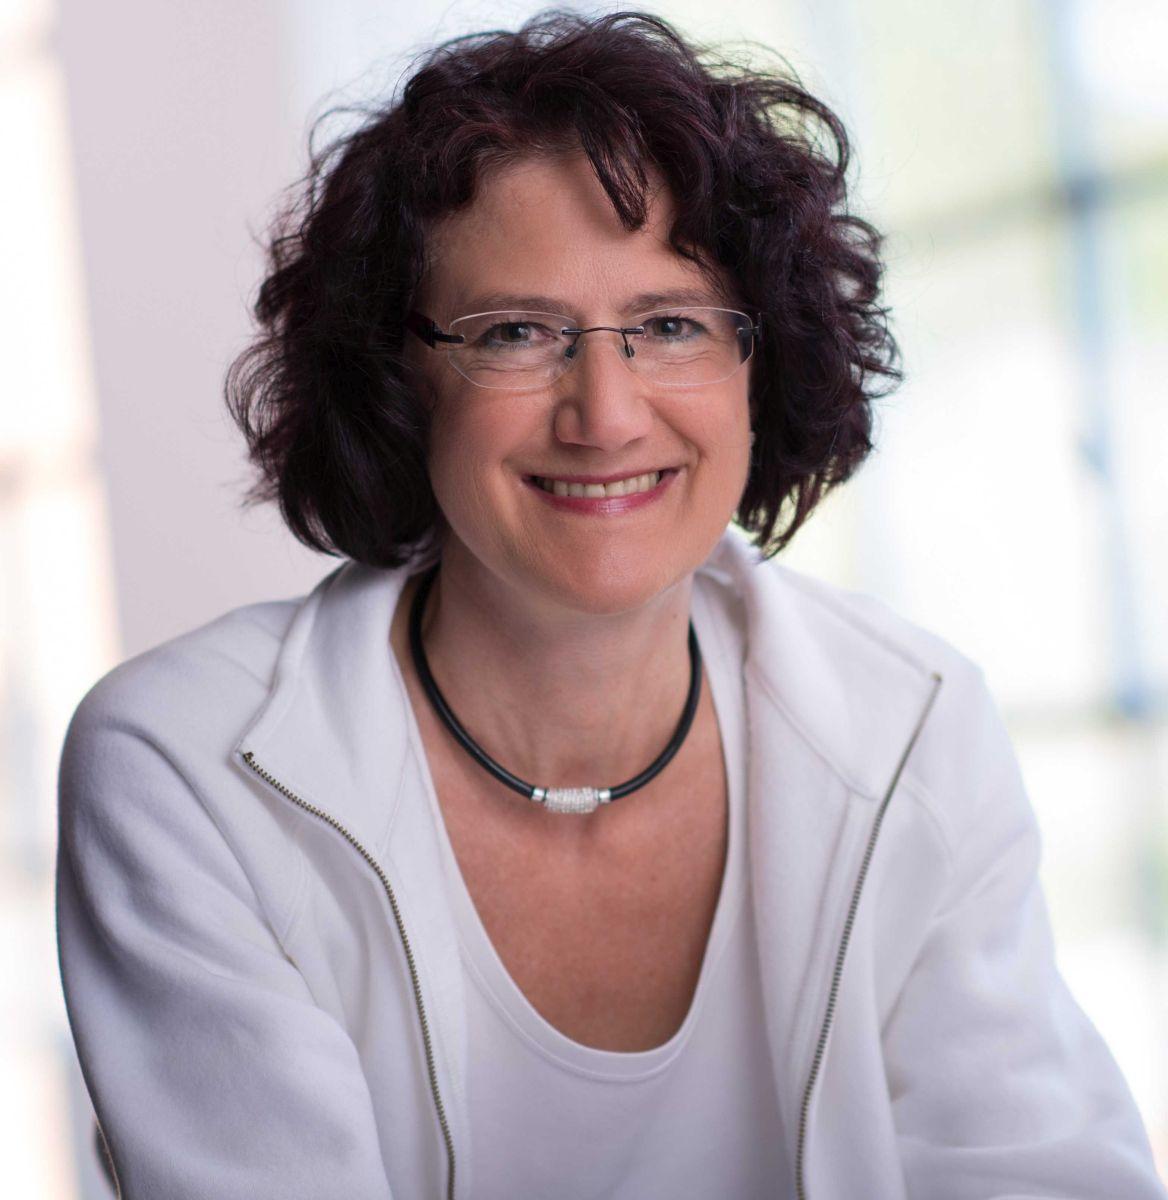 Die Heilpraktikerin Meike Lutz aus Heilbronn sitzt fröhlich vor einem hellen lichtgefluteten Hintergrund. Sie hat dunkle mittellange lockige Haare und trägt neben einer weißen Jacke und T-Shirt eine schwarze Kette und eine randlose Brille.